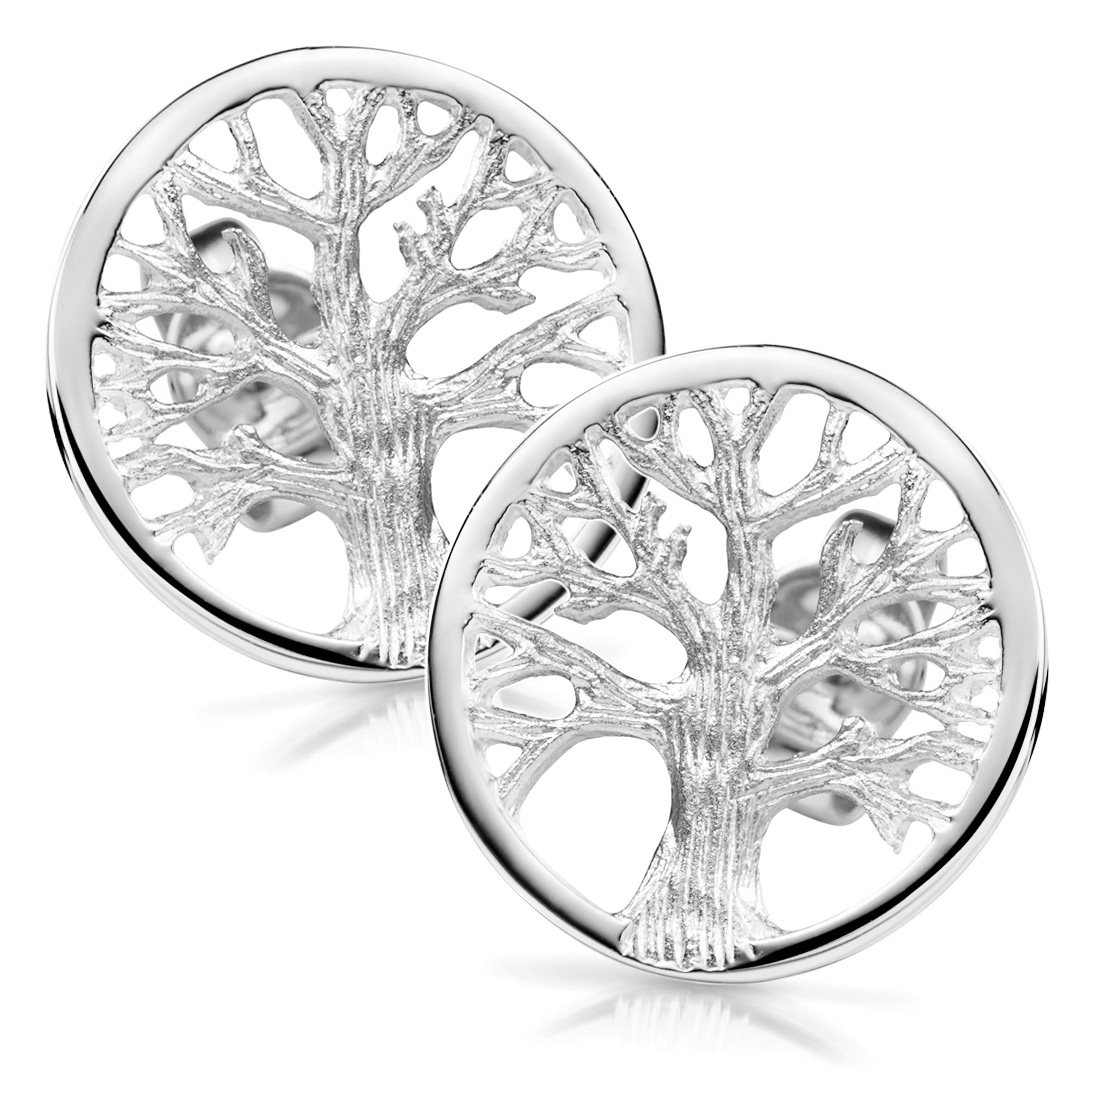 MATERIA Lebensbaum Ohrstecker 925 Silber Ohrringe rund keltisch